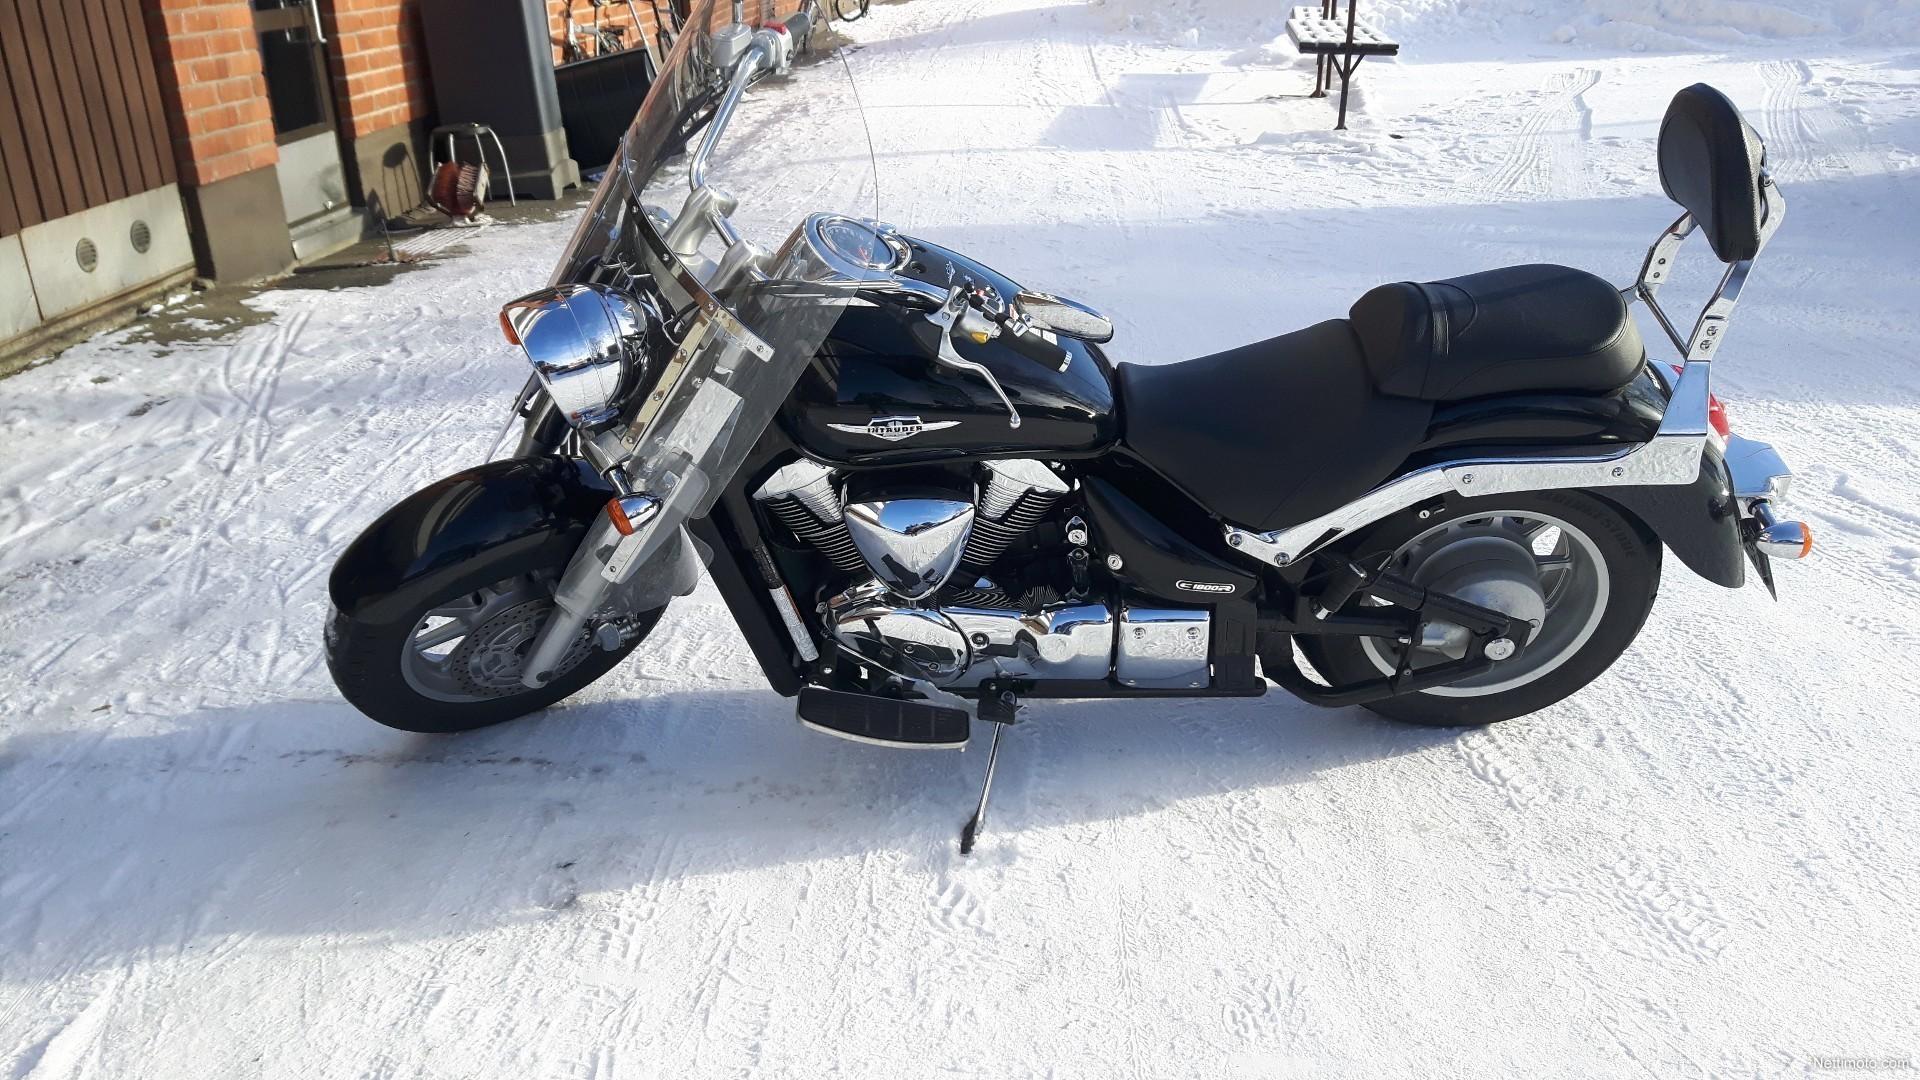 suzuki intruder c1800r 1 800 cm 2012 joensuu motorcycle nettimoto rh nettimoto com Black Color Suzuki Intruder Suzuki Bikes